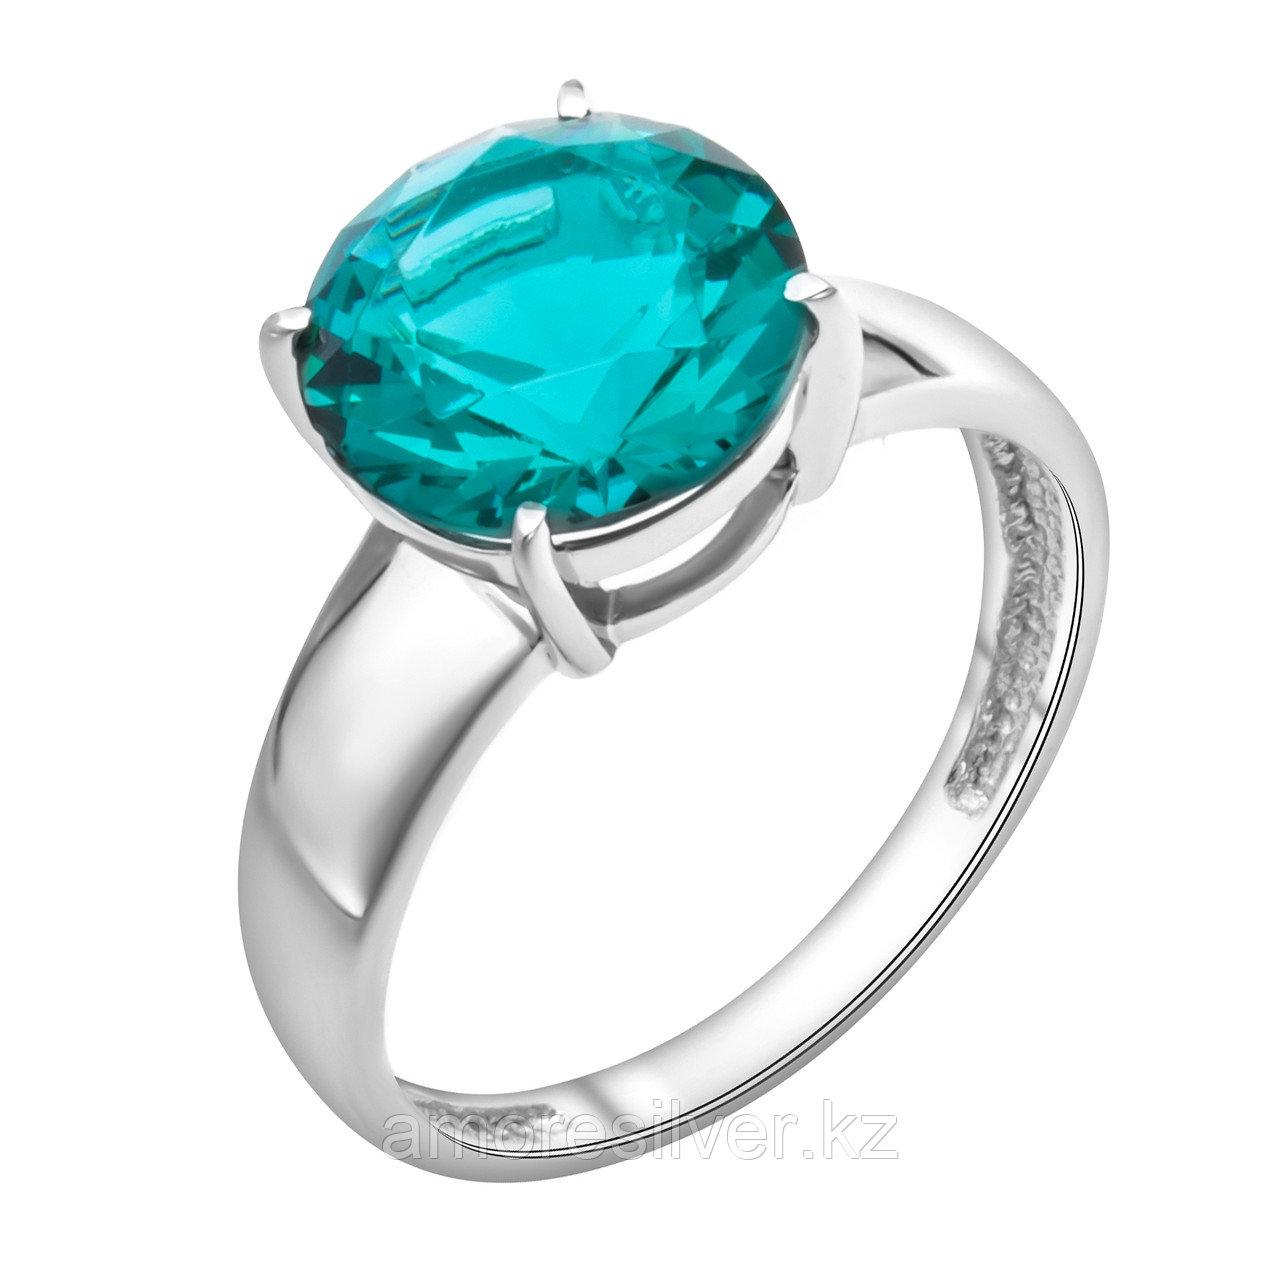 """Кольцо TEOSA серебро с родием, фианит, """"каратник"""" 1000-0386-PRBC размеры - 17,5"""